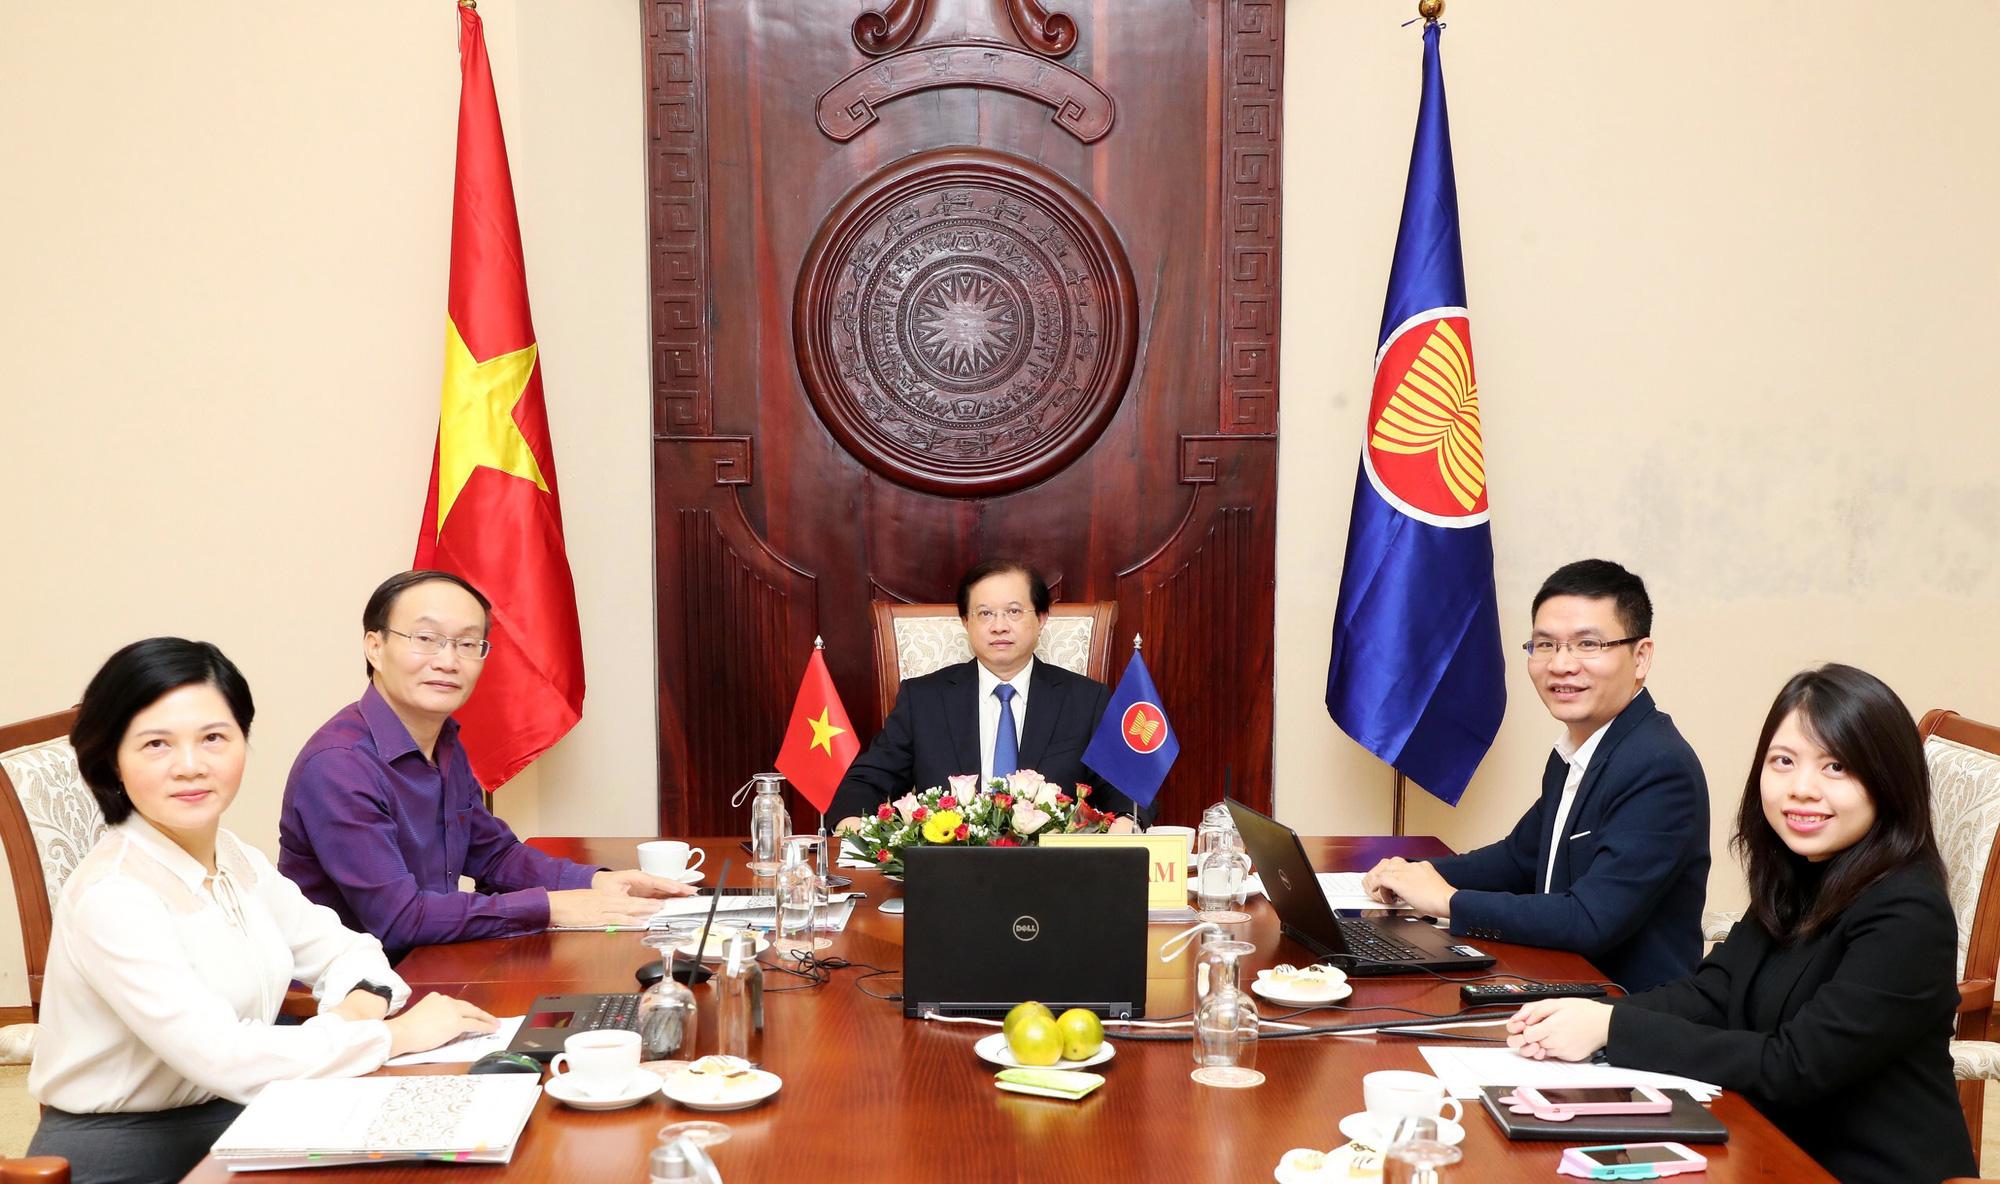 Hội nghị Bộ trưởng phụ trách Văn hóa nghệ thuật ASEAN lần thứ 9 - Ảnh 1.